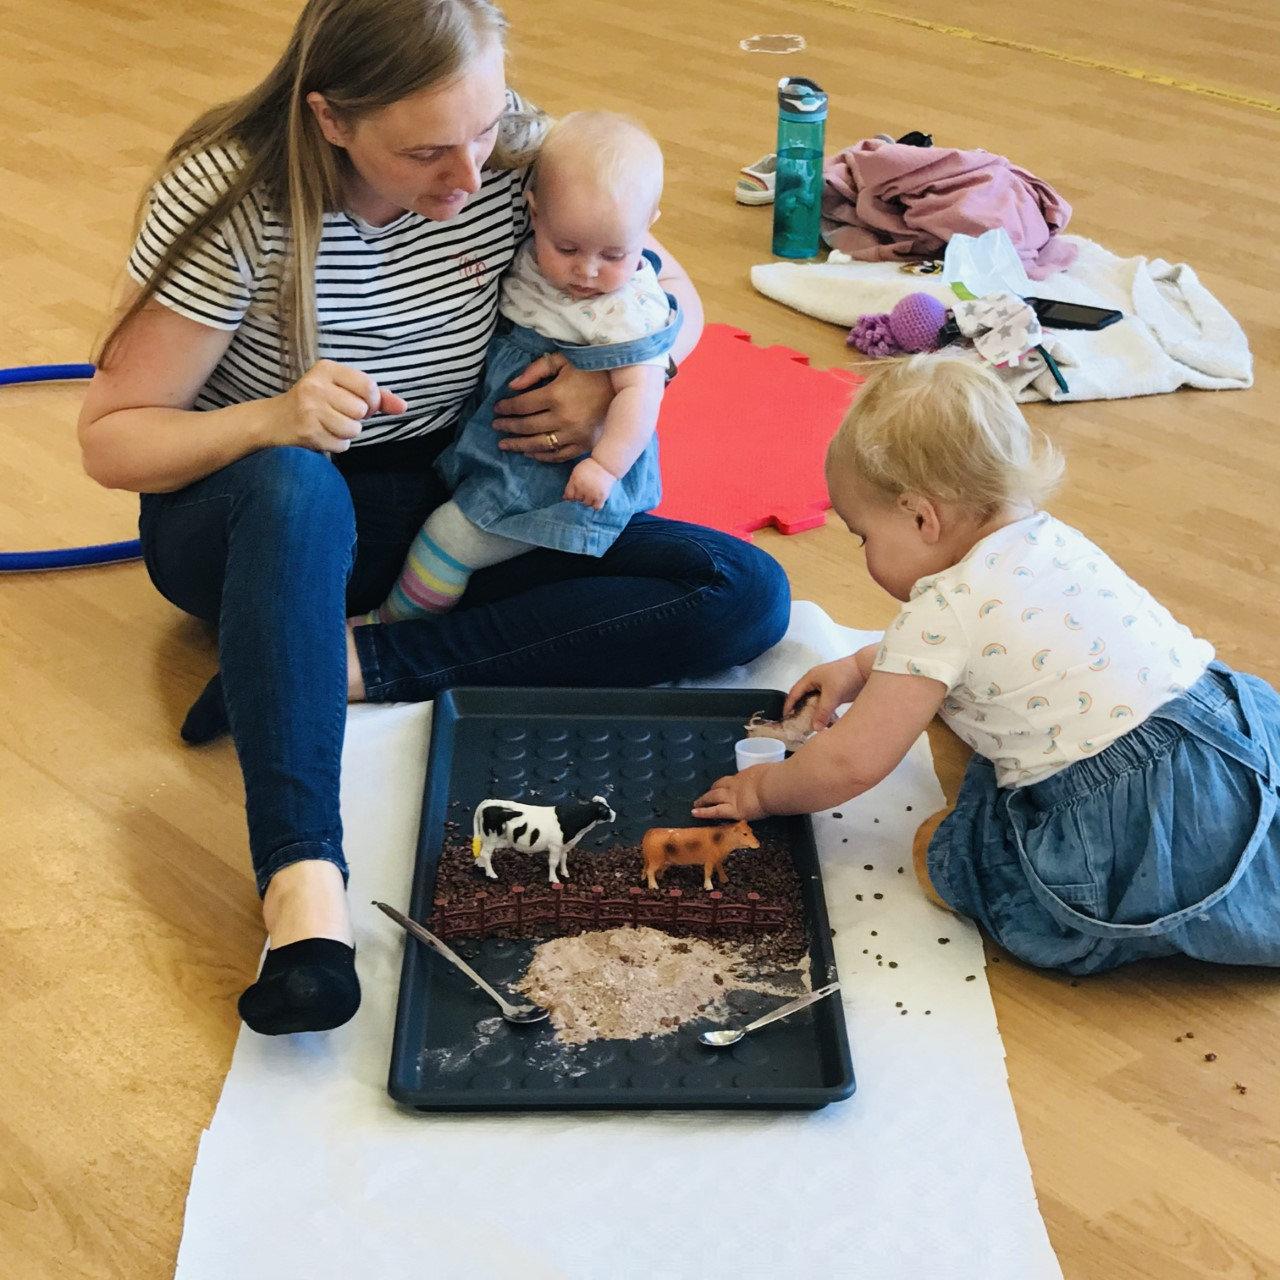 Little Adventurers - Developmental play